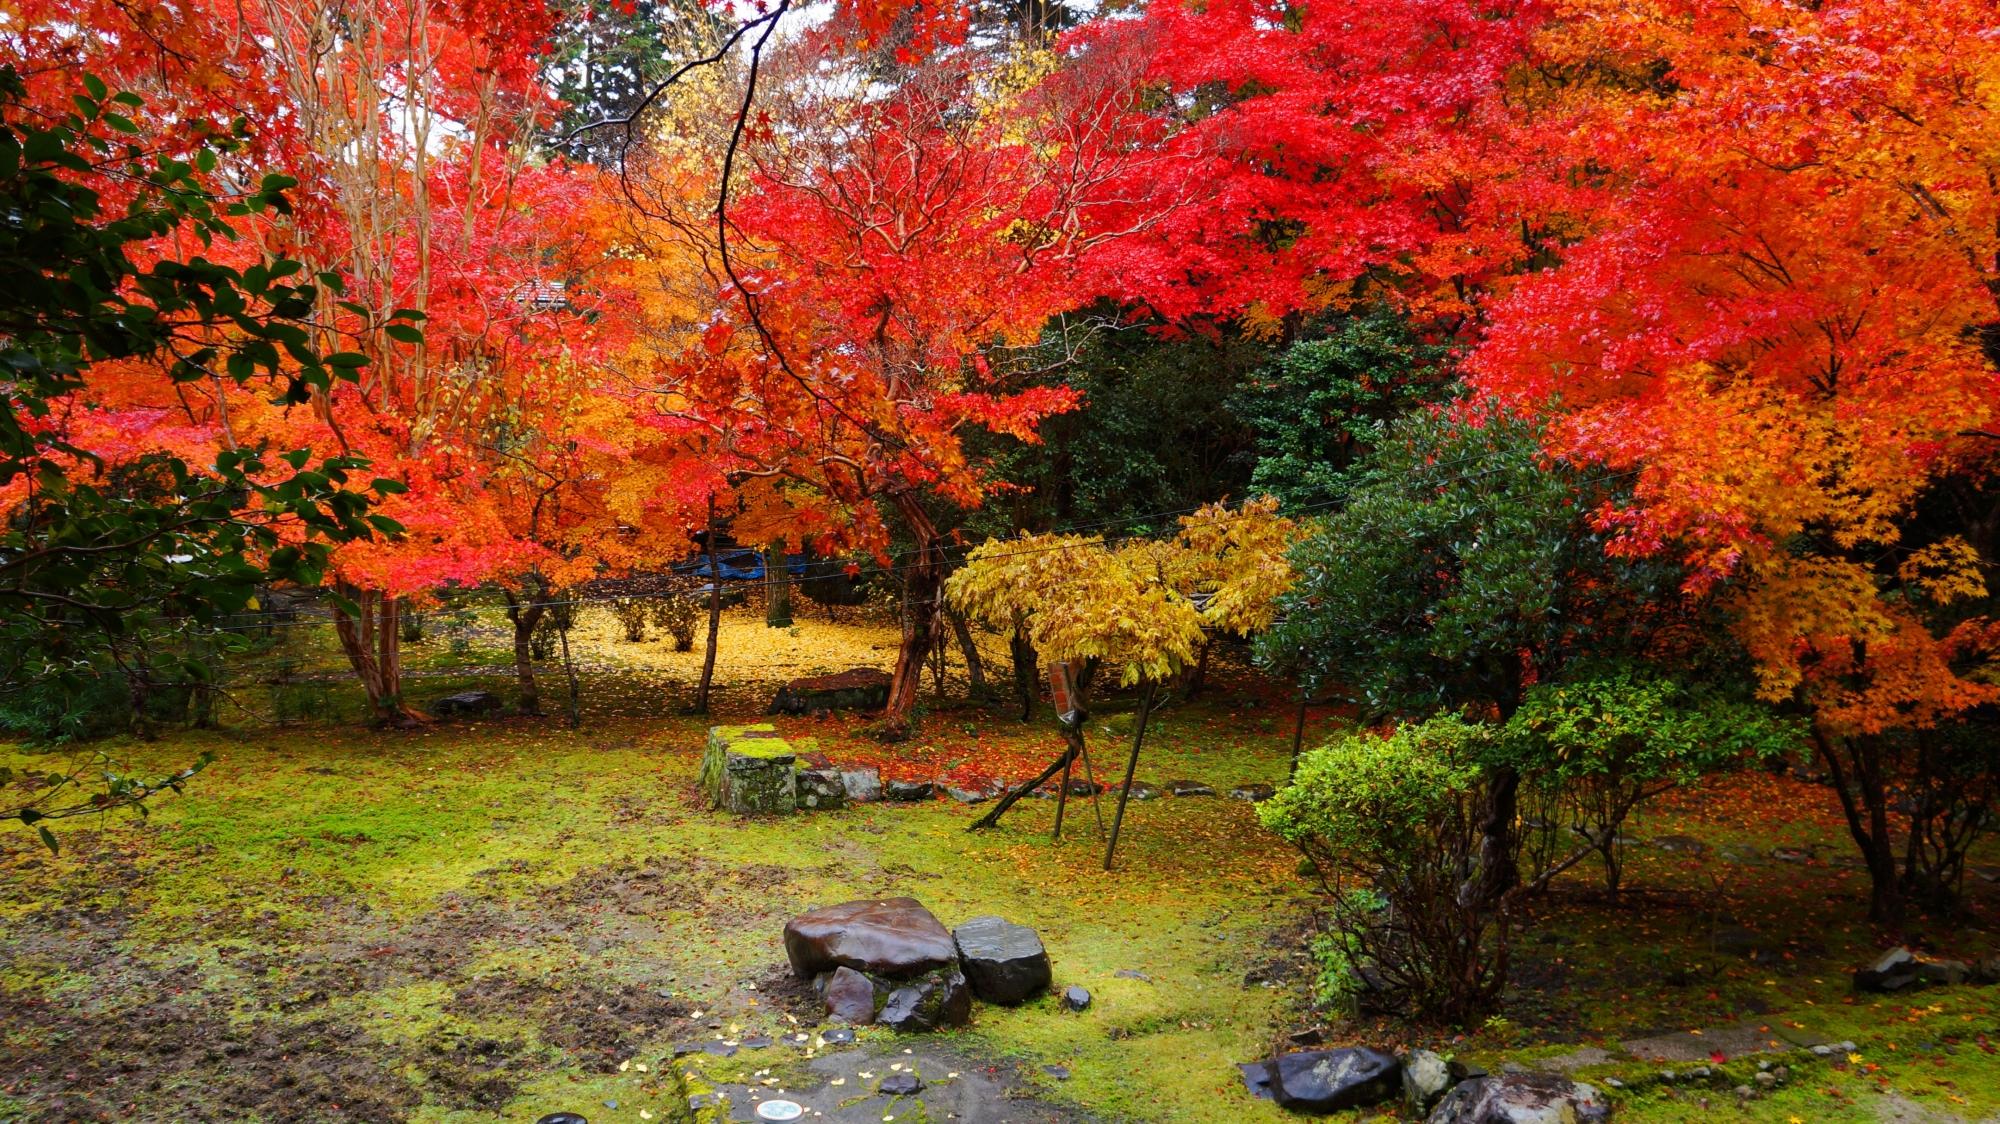 栖賢寺の庭園の鮮やかな紅葉